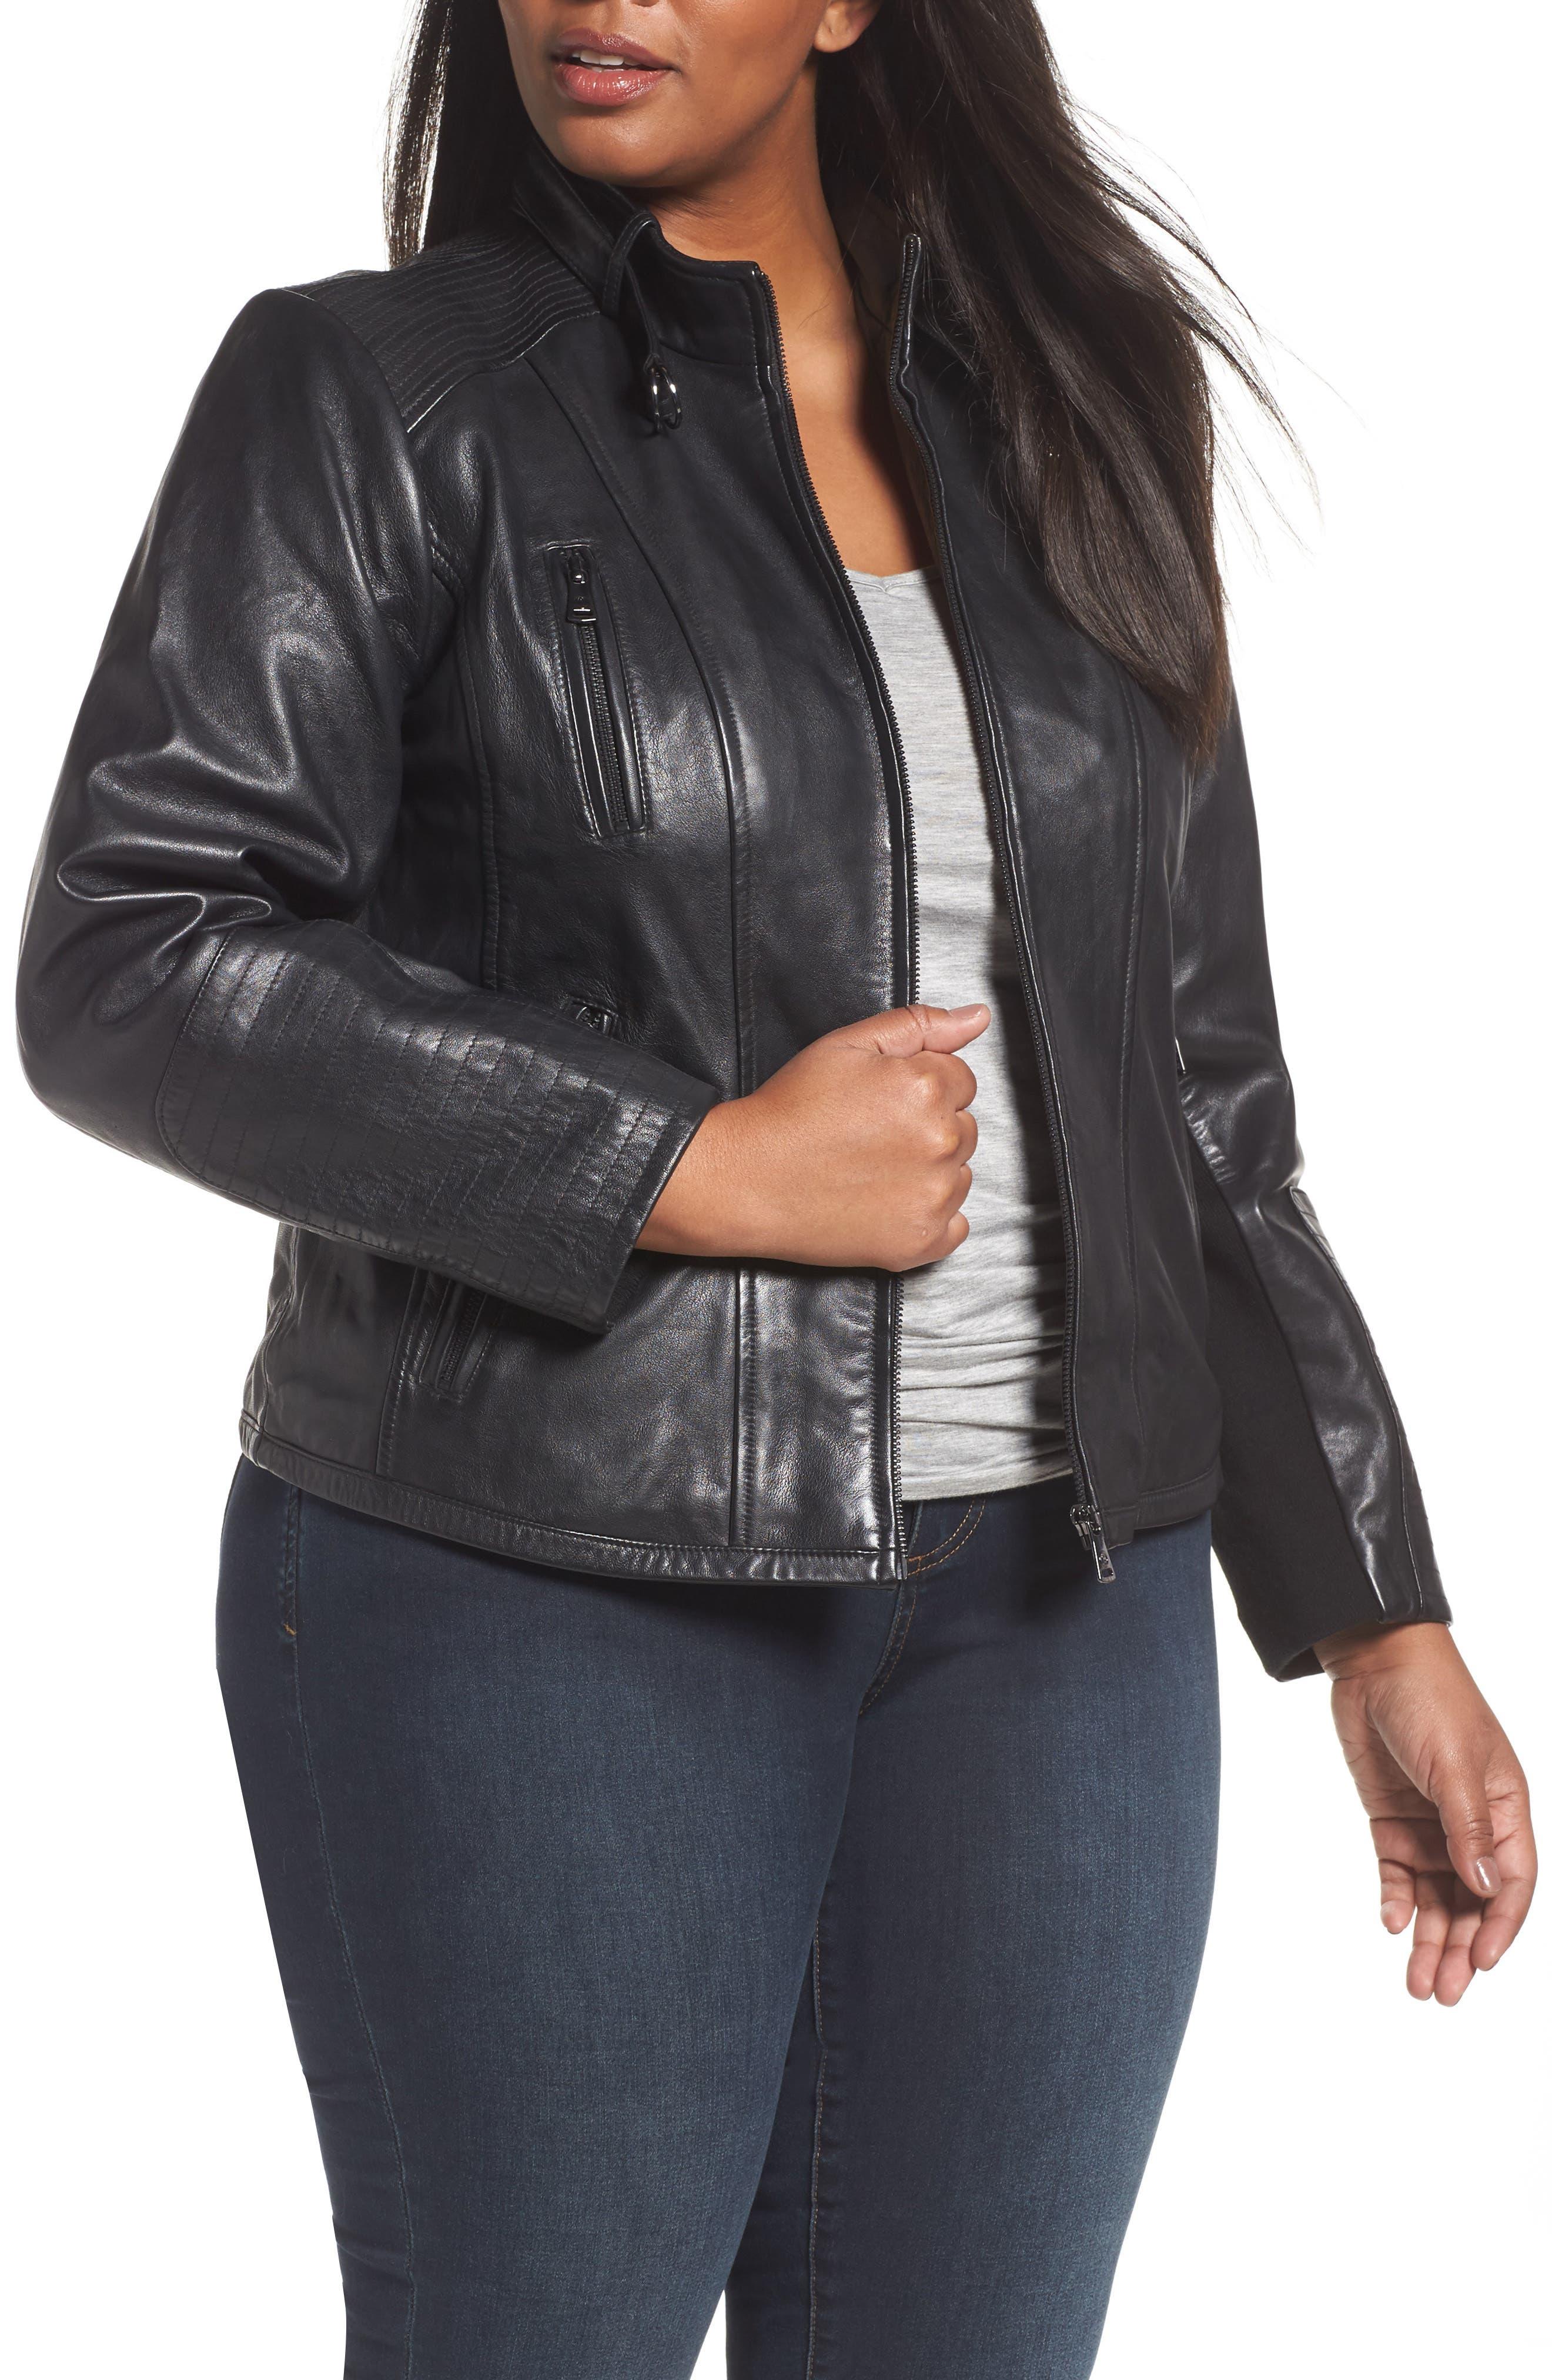 Main Image - Bernardo Leather Moto Jacket (Plus Size)